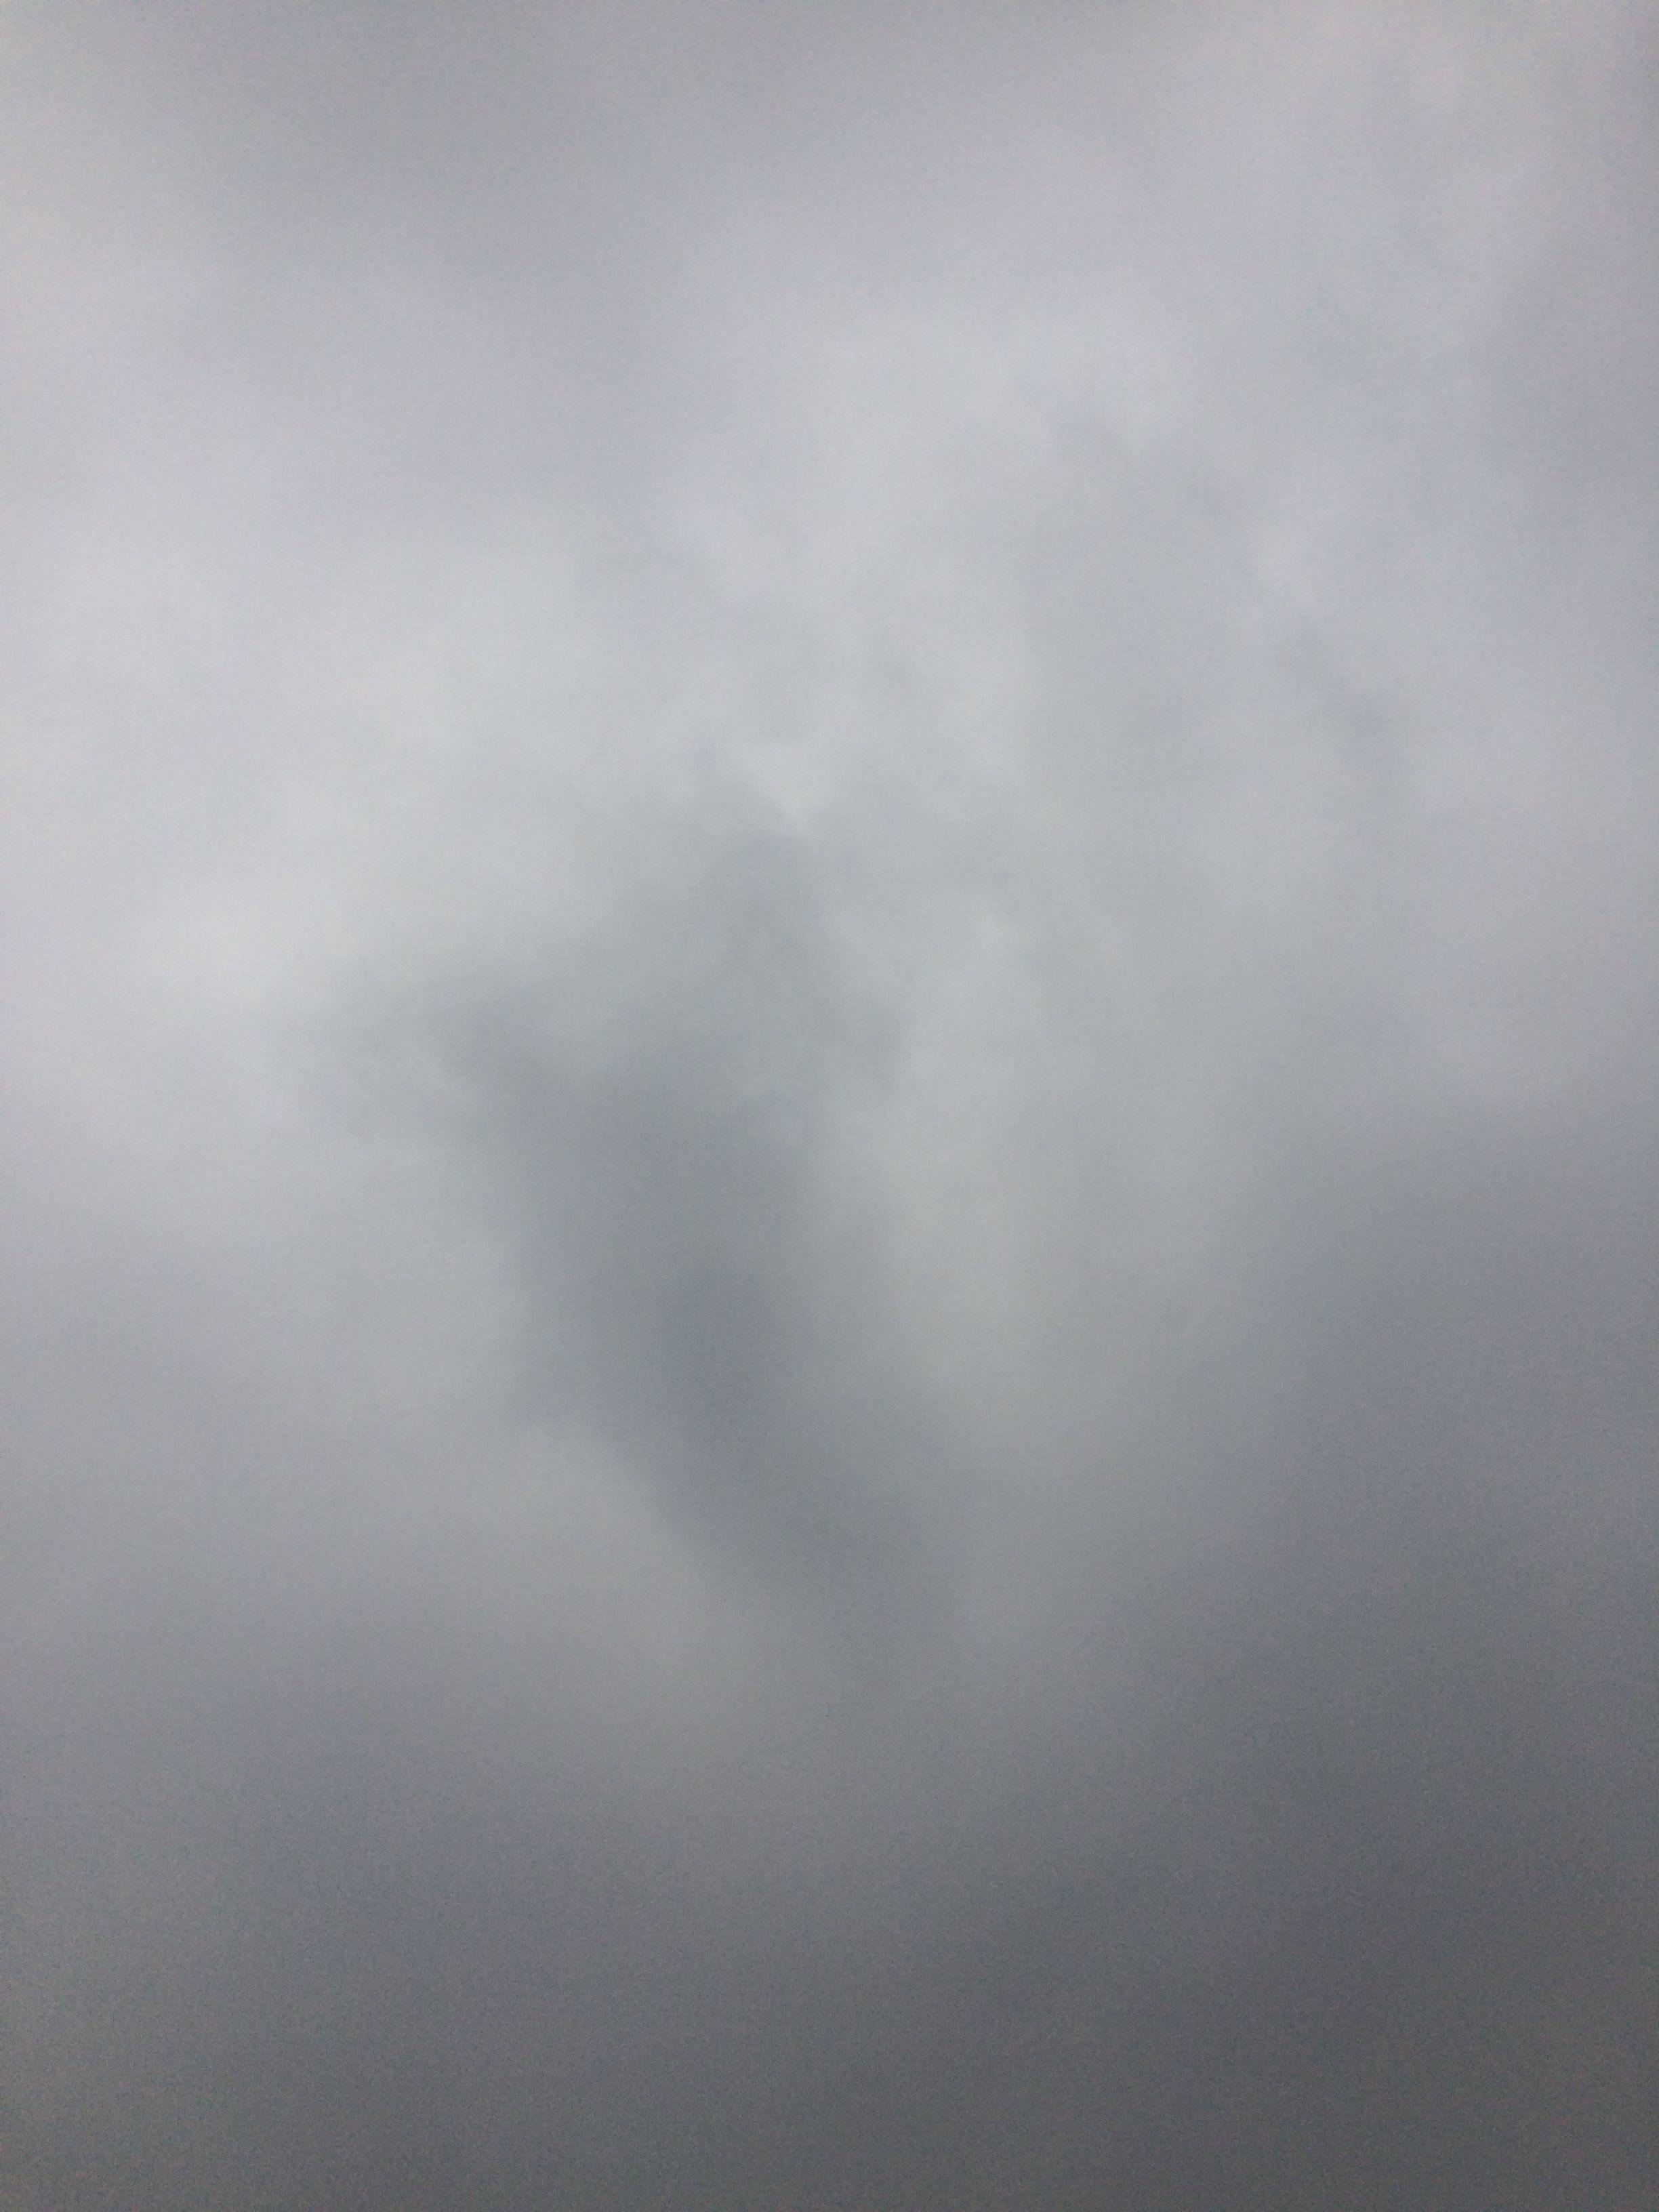 2017년 3월 31일의 하늘 #sky #cloud